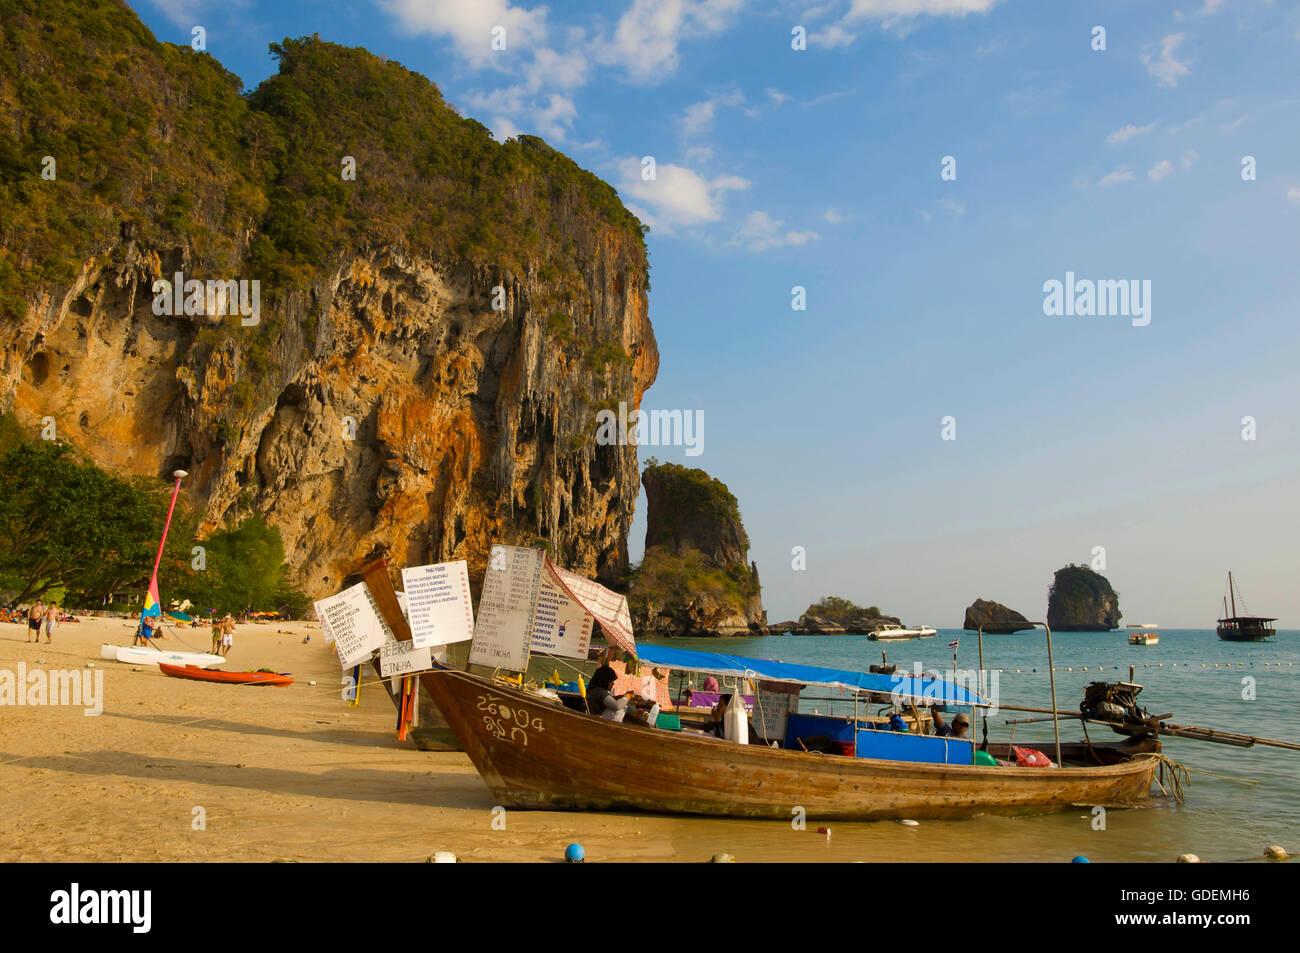 Phra nang beach resort